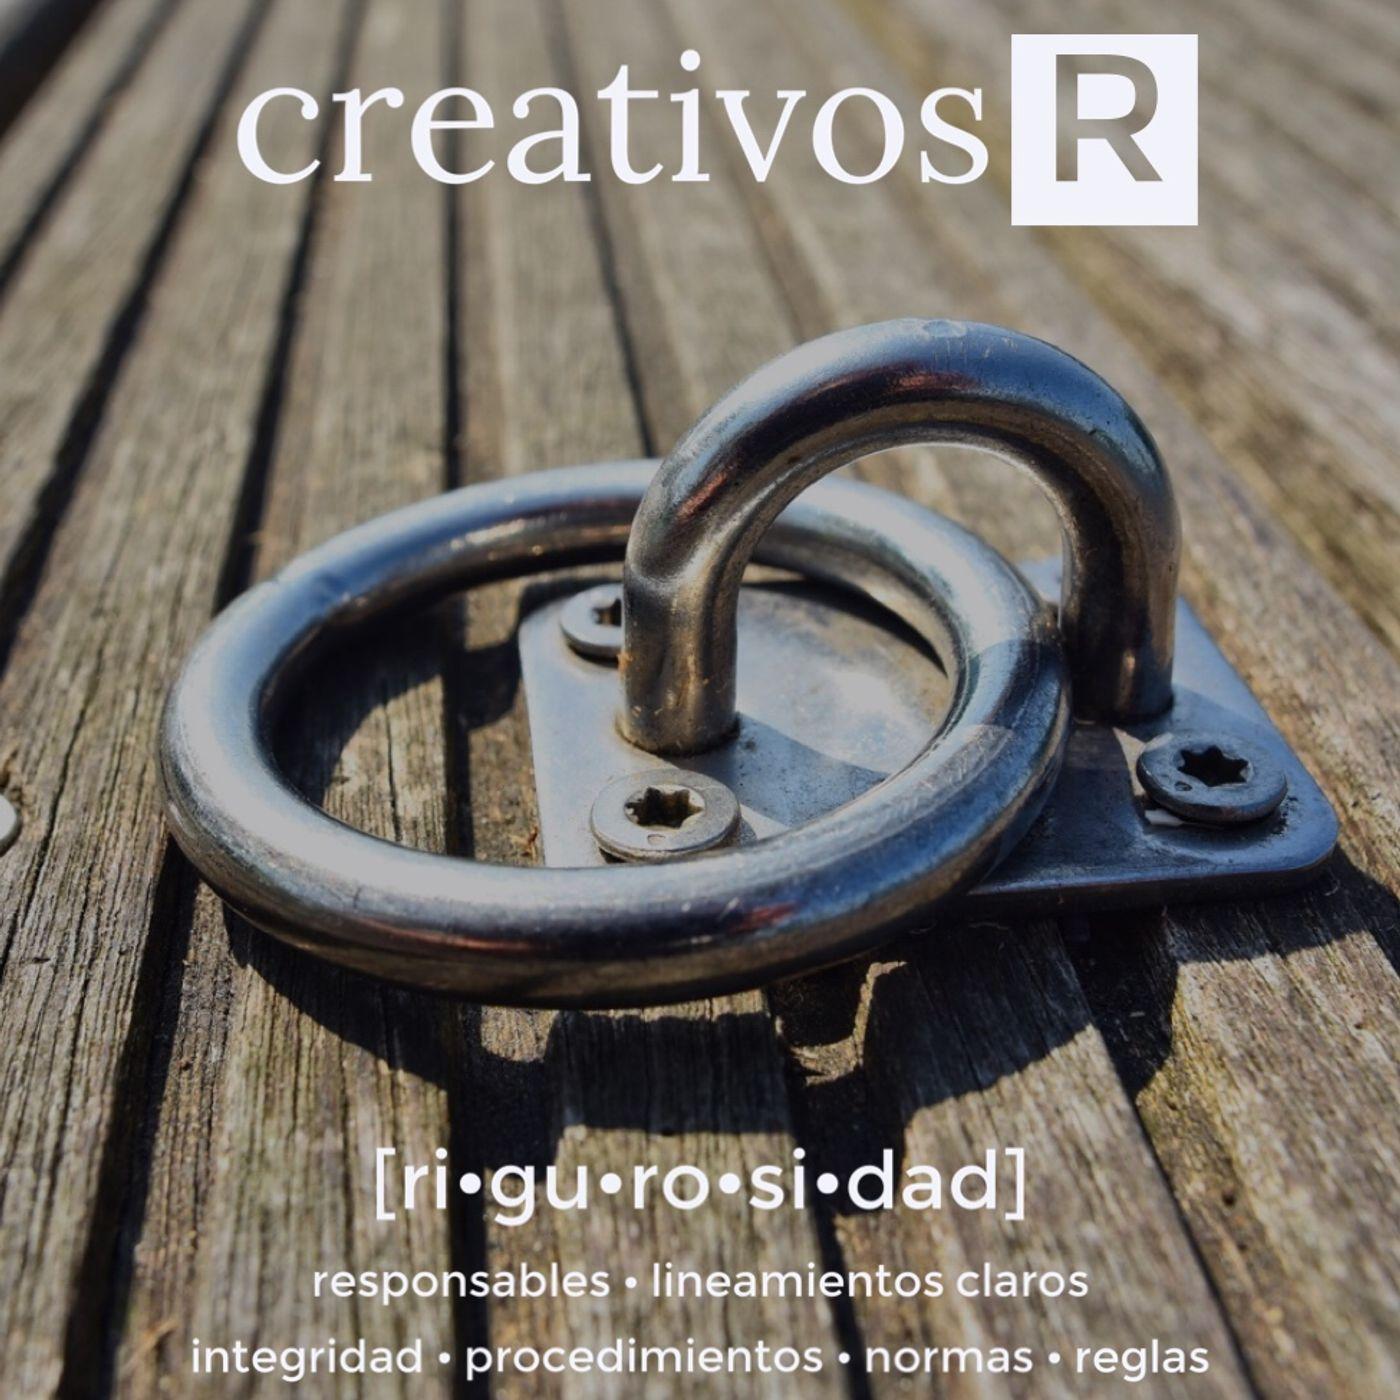 i275 CREATIVOS R